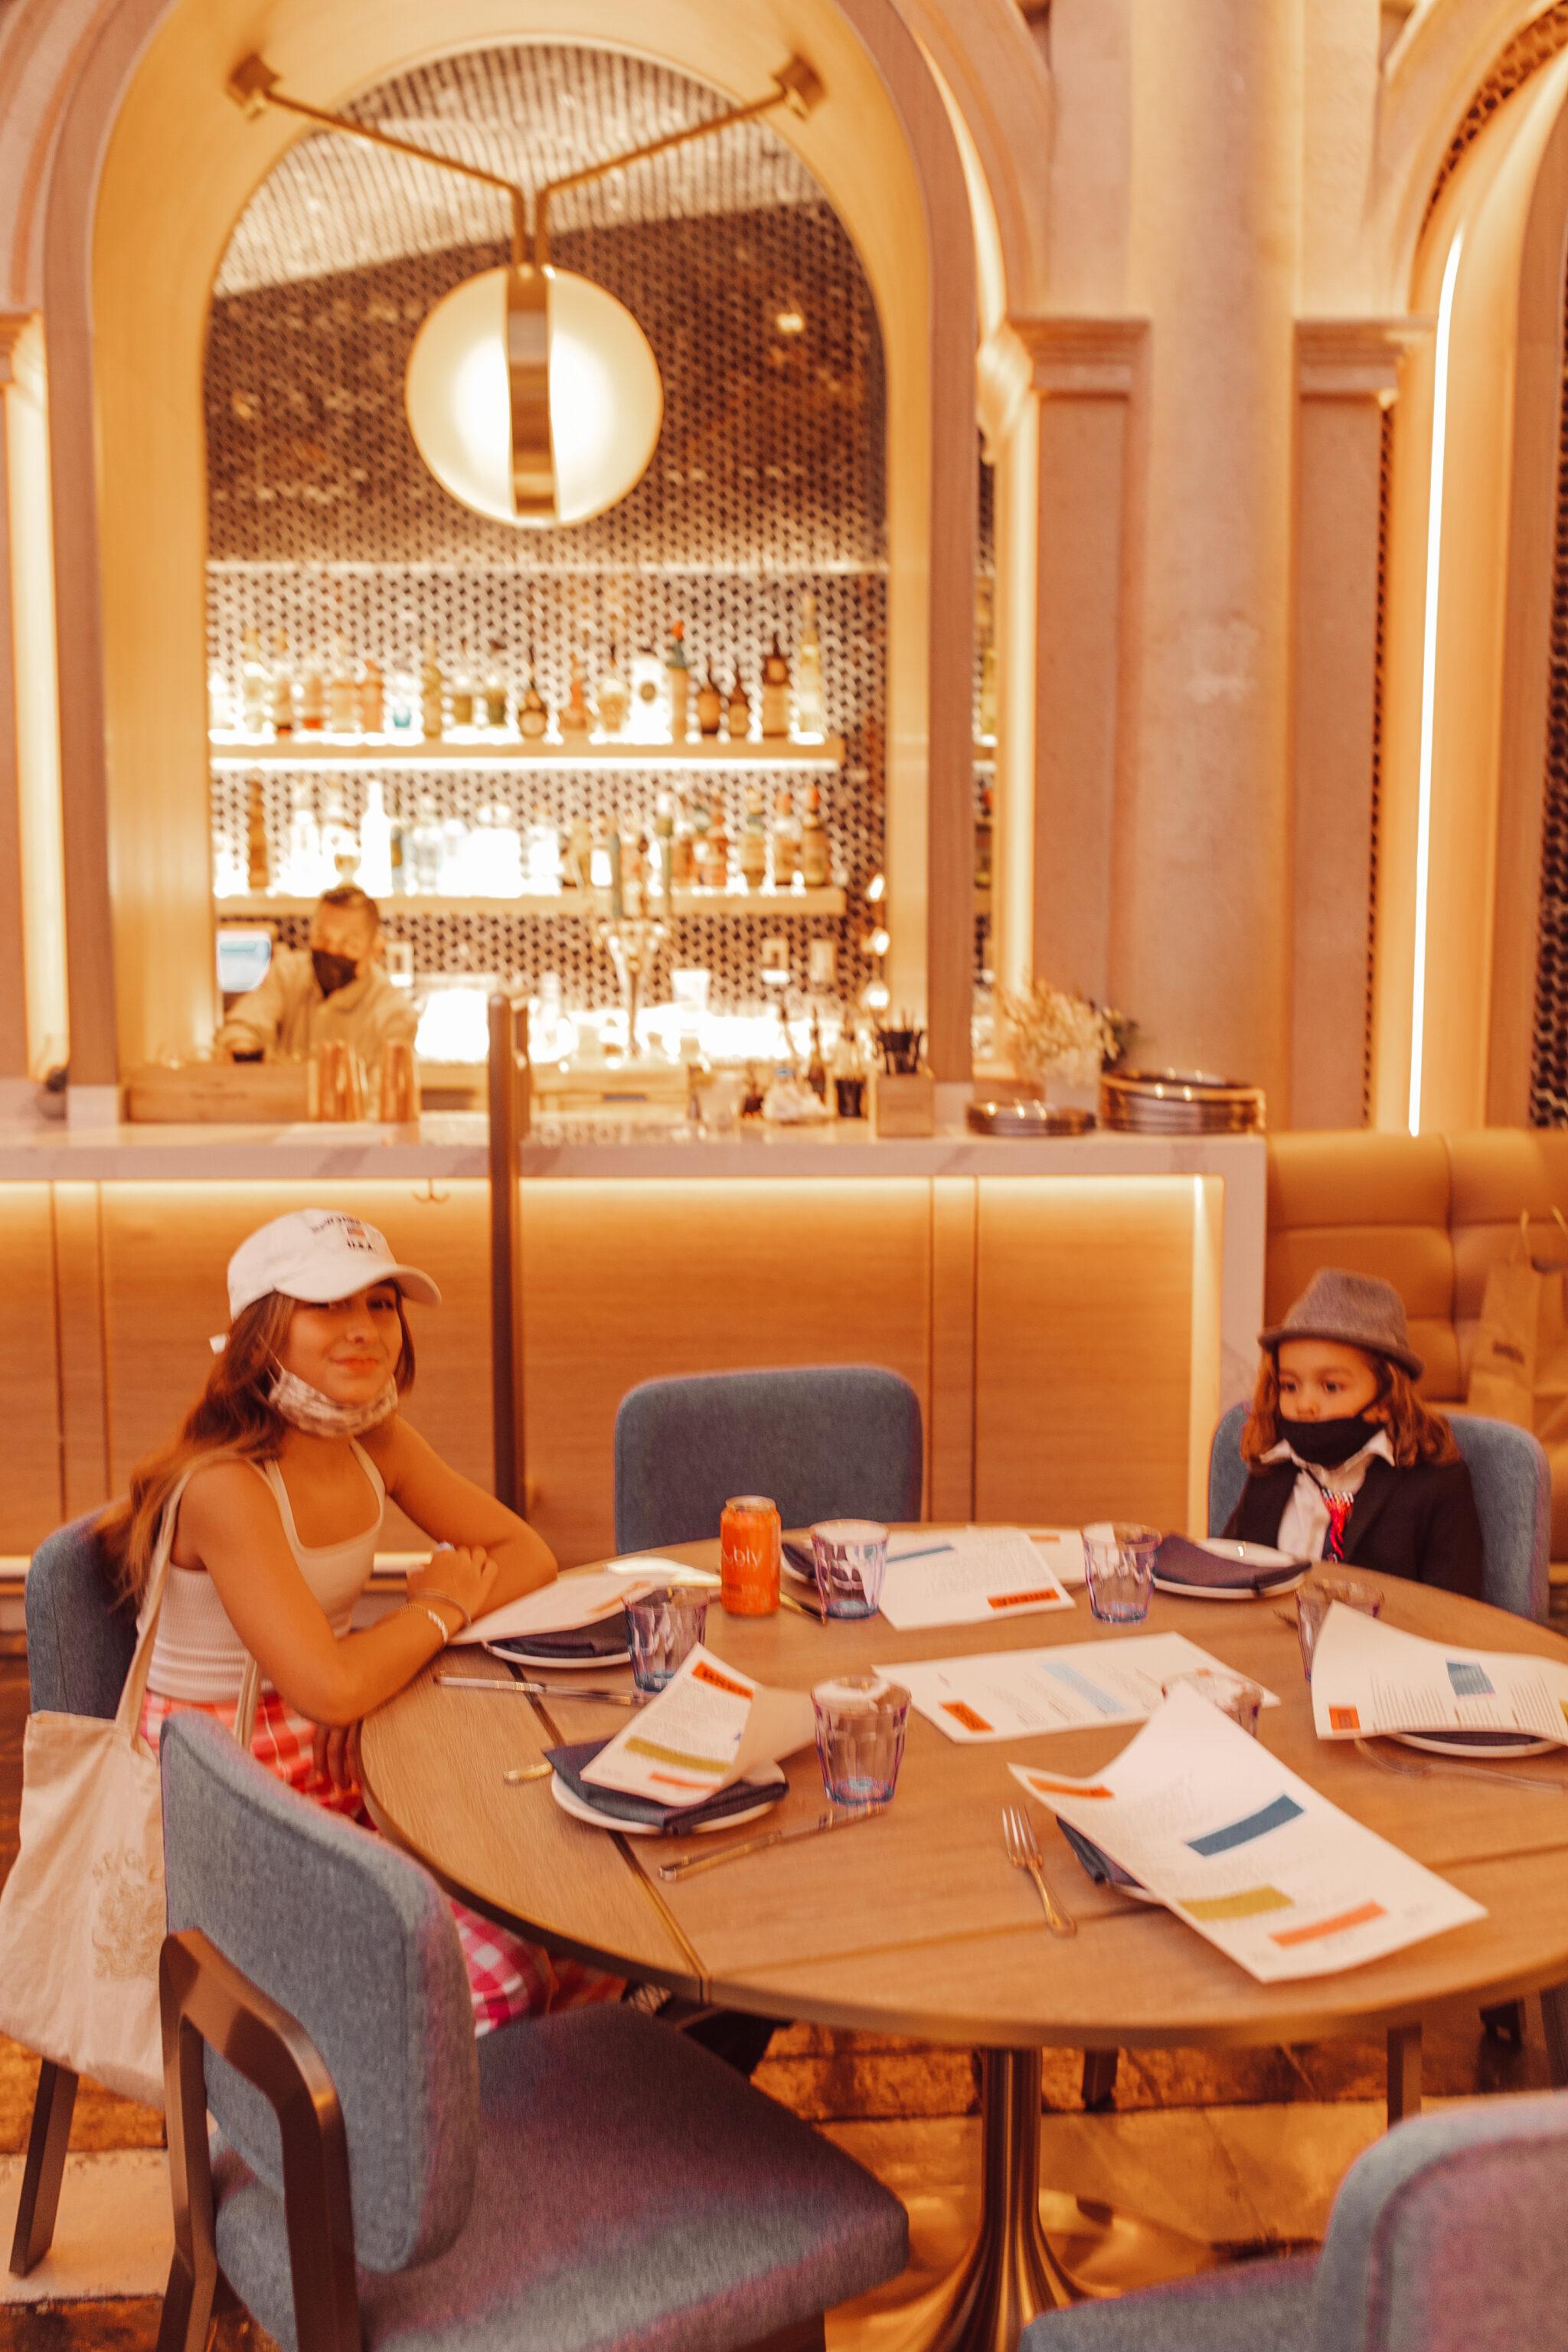 kids in a restaurant